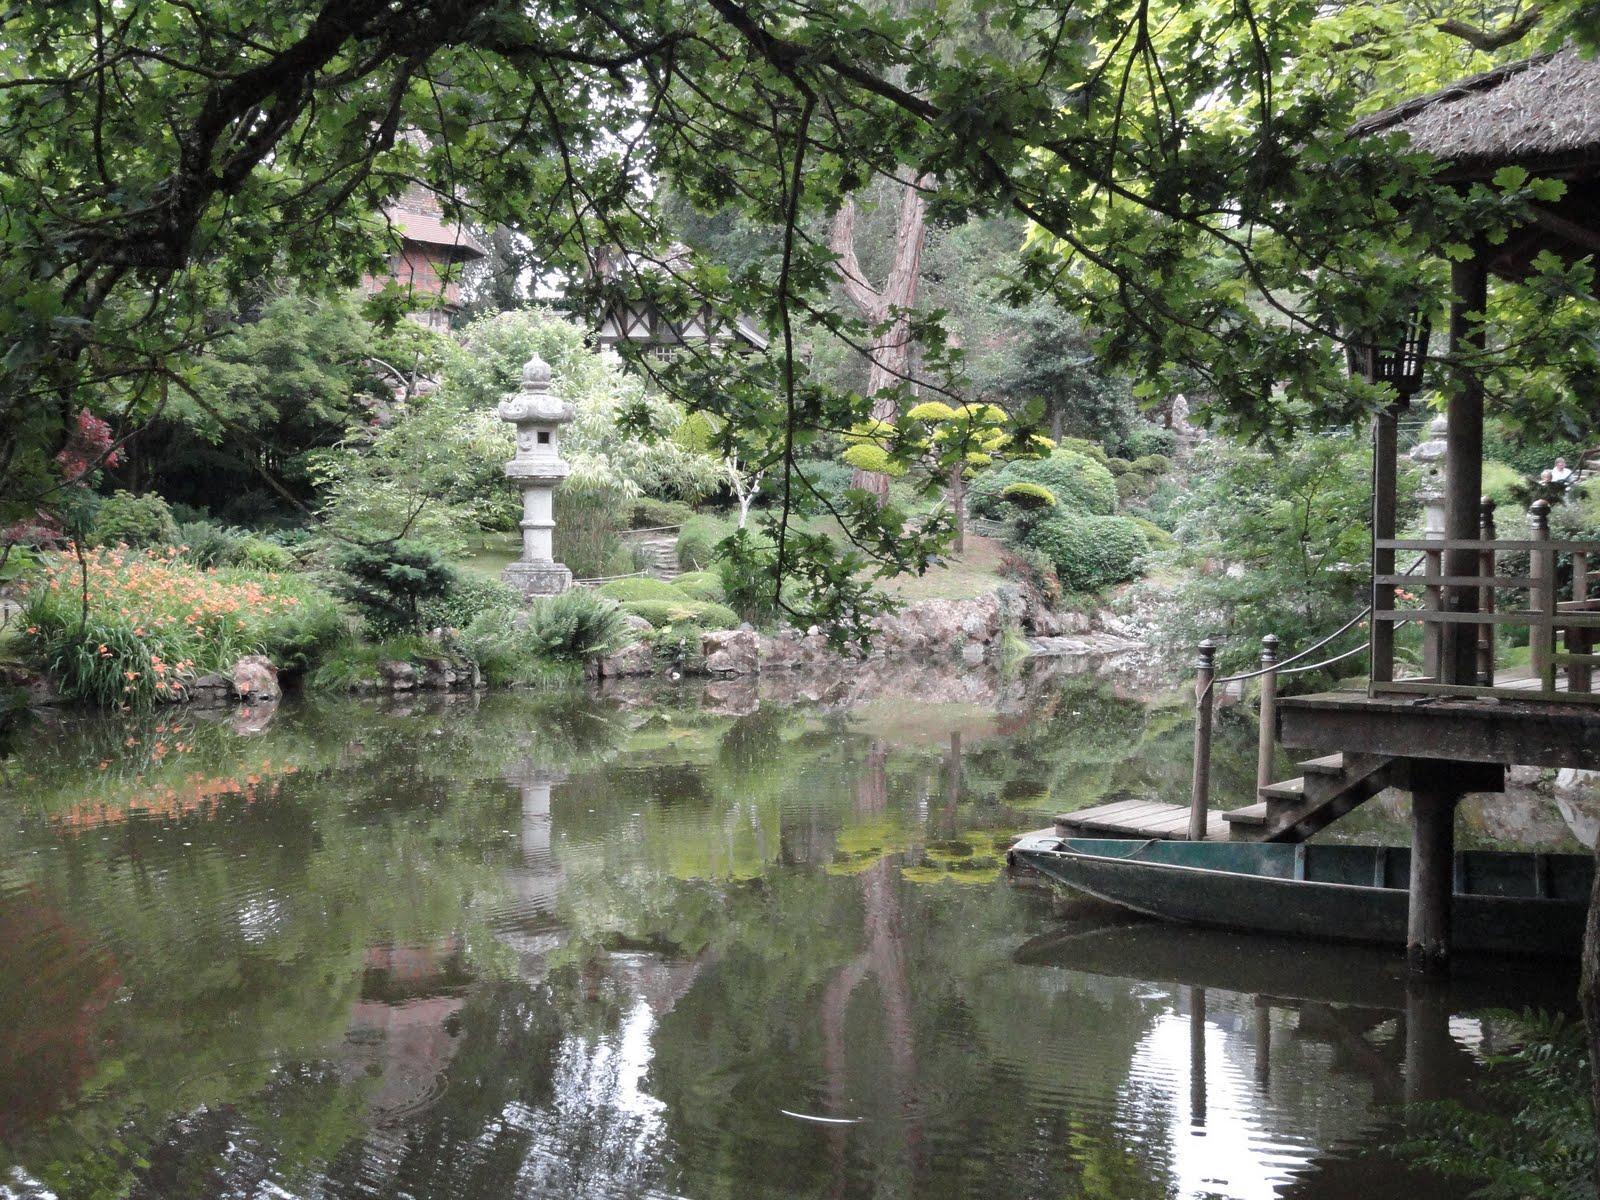 Fengshuimarieline juillet 2010 for Jardin 5 juillet biskra